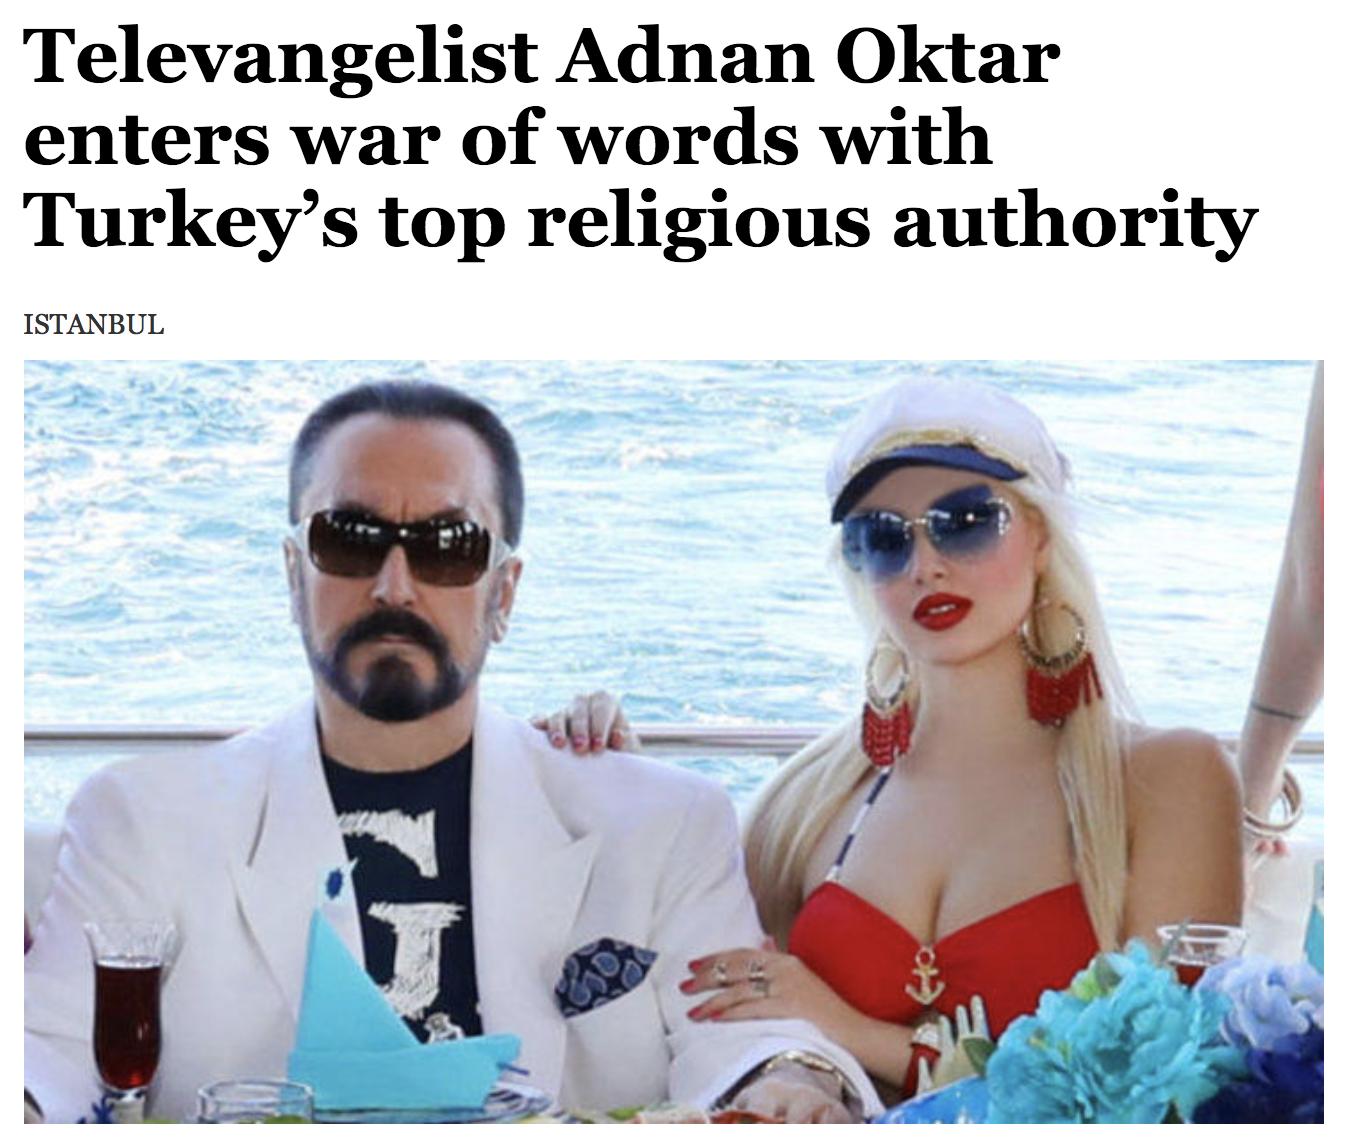 Adnan Oktar (aka Harun Yahya) arrested in Turkey